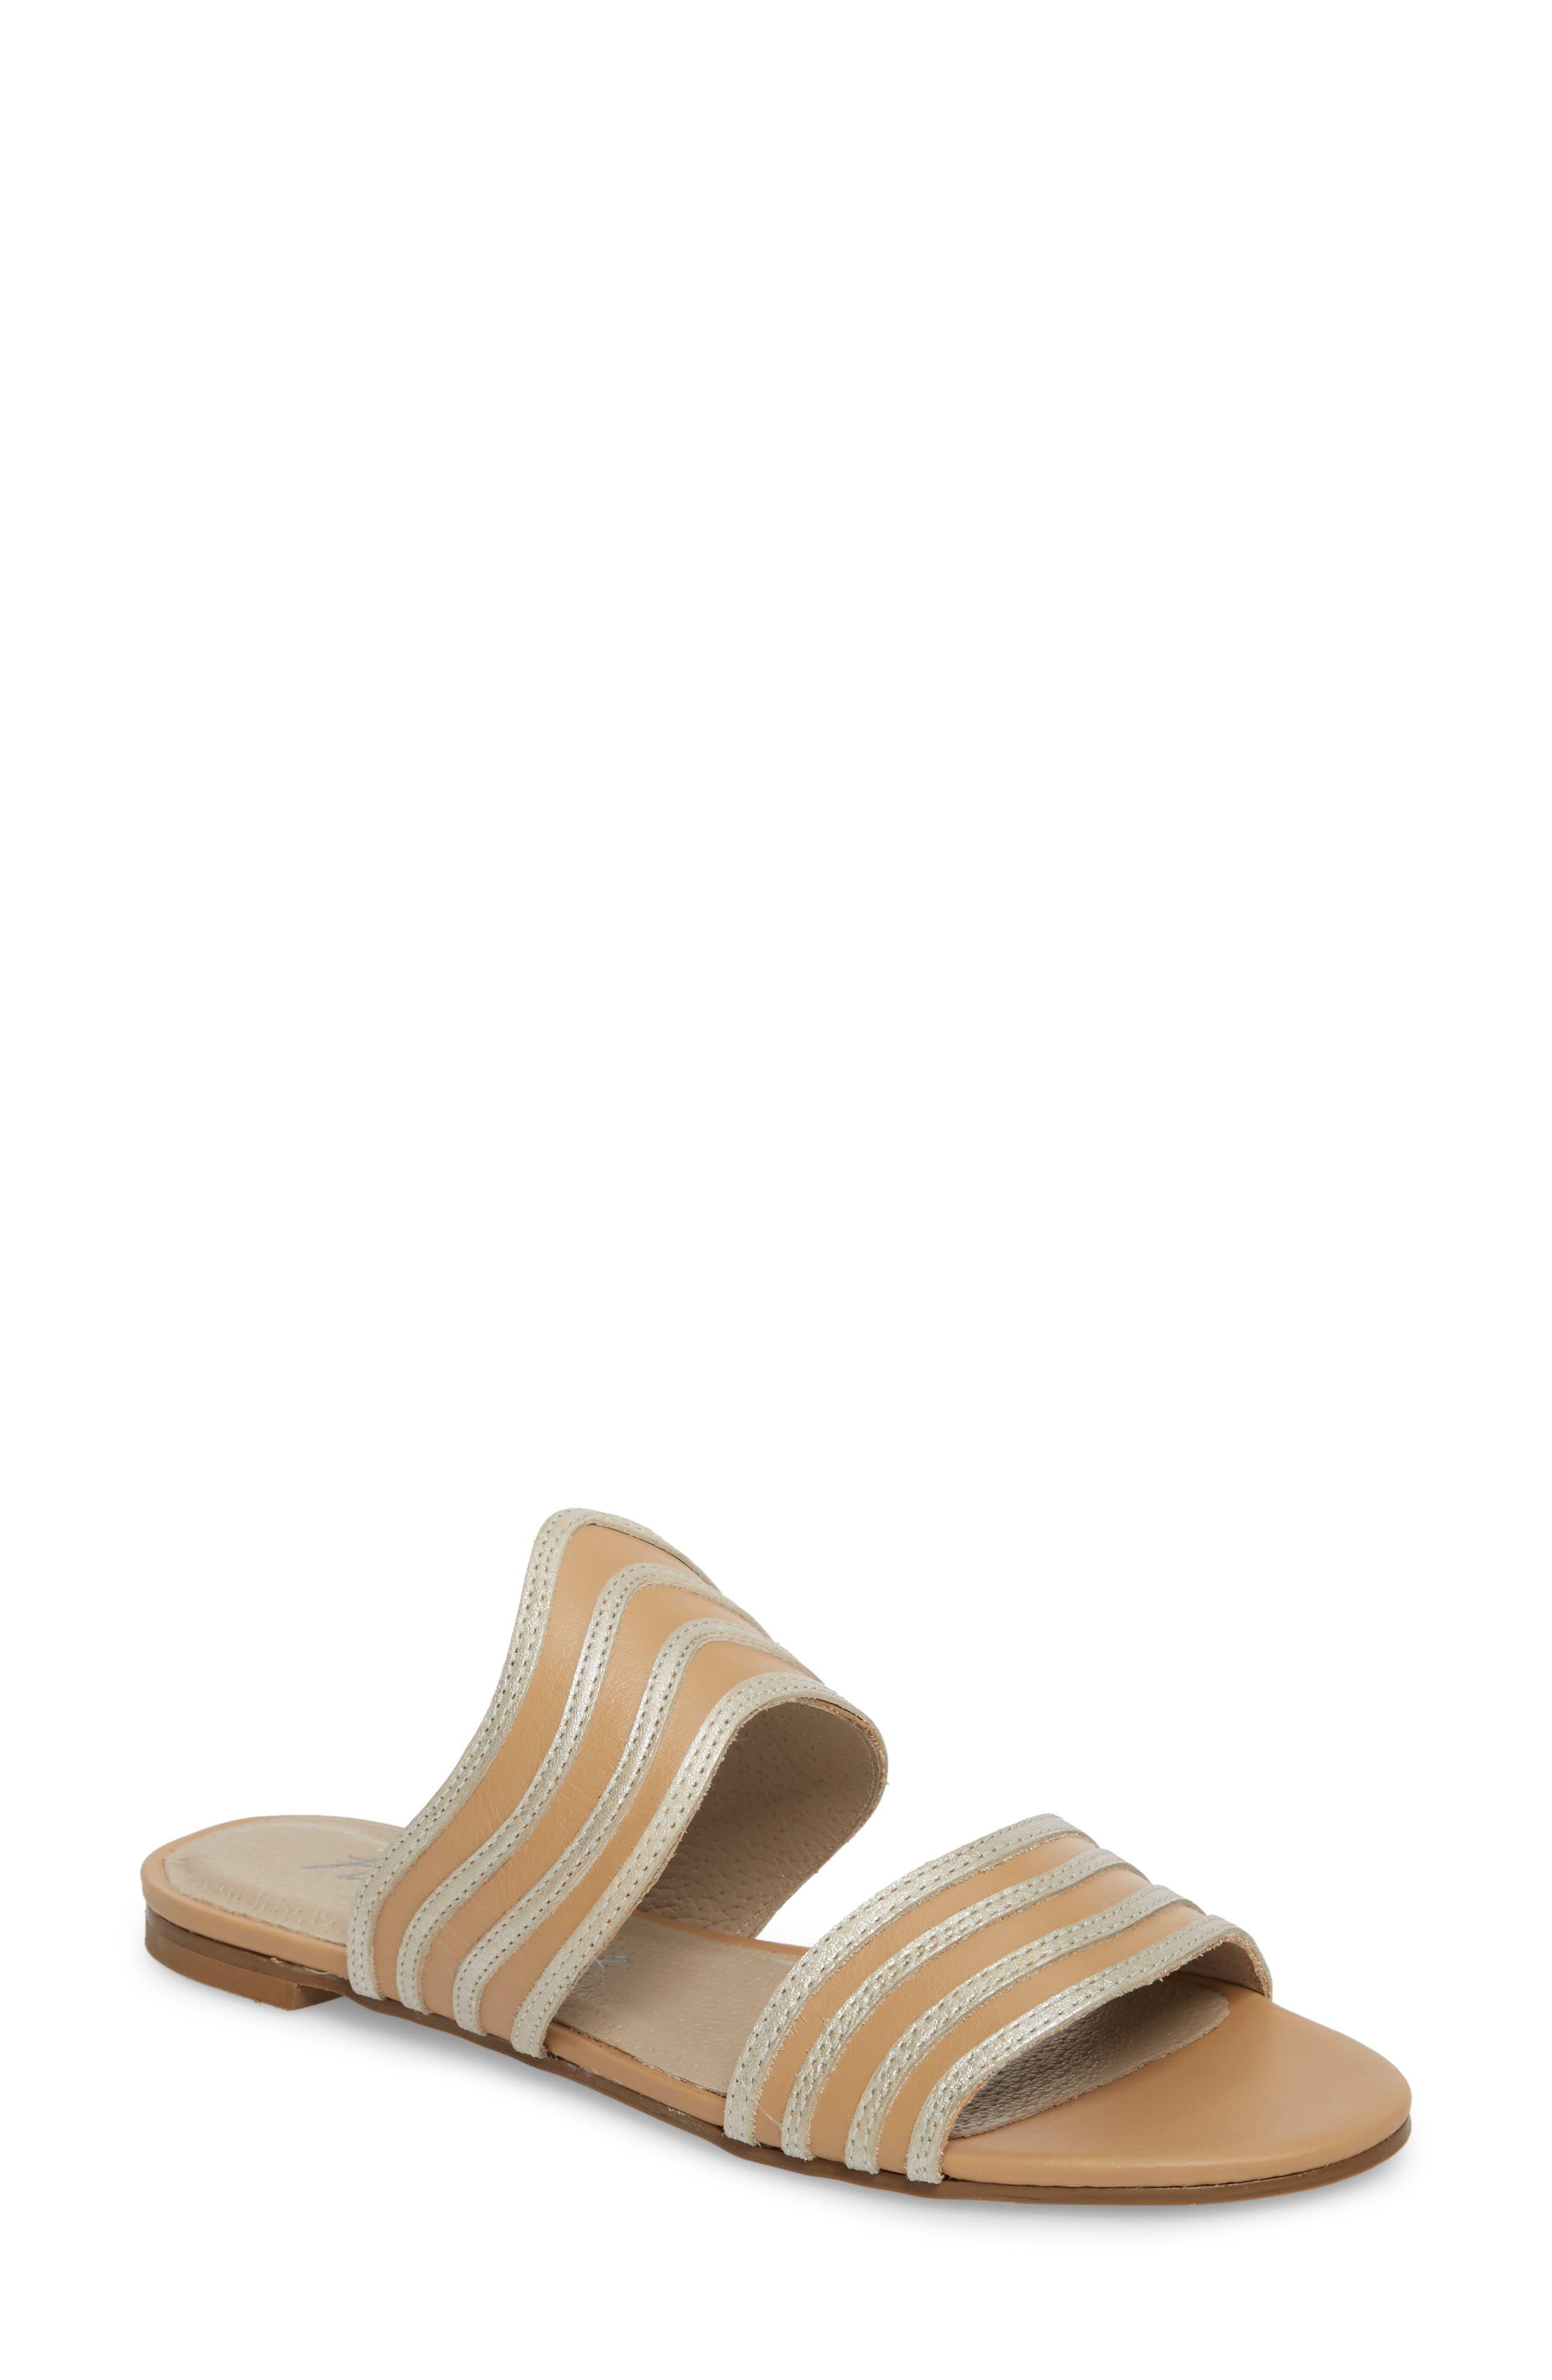 Matisse Russo Slide Sandal, Beige